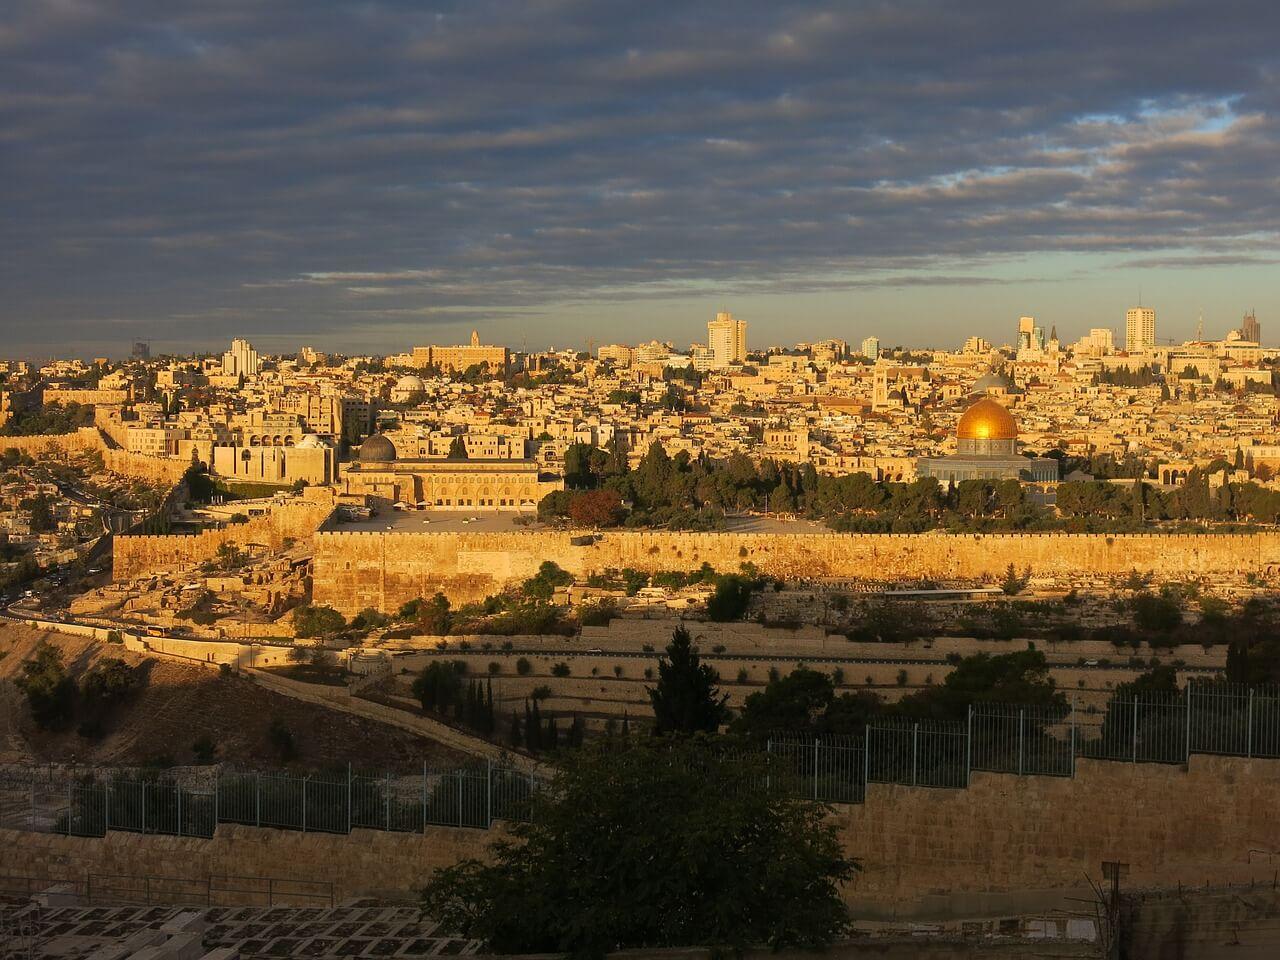 الأماكن الجذابة التي لا ينبغي تفويت زيارتها في فلسطين